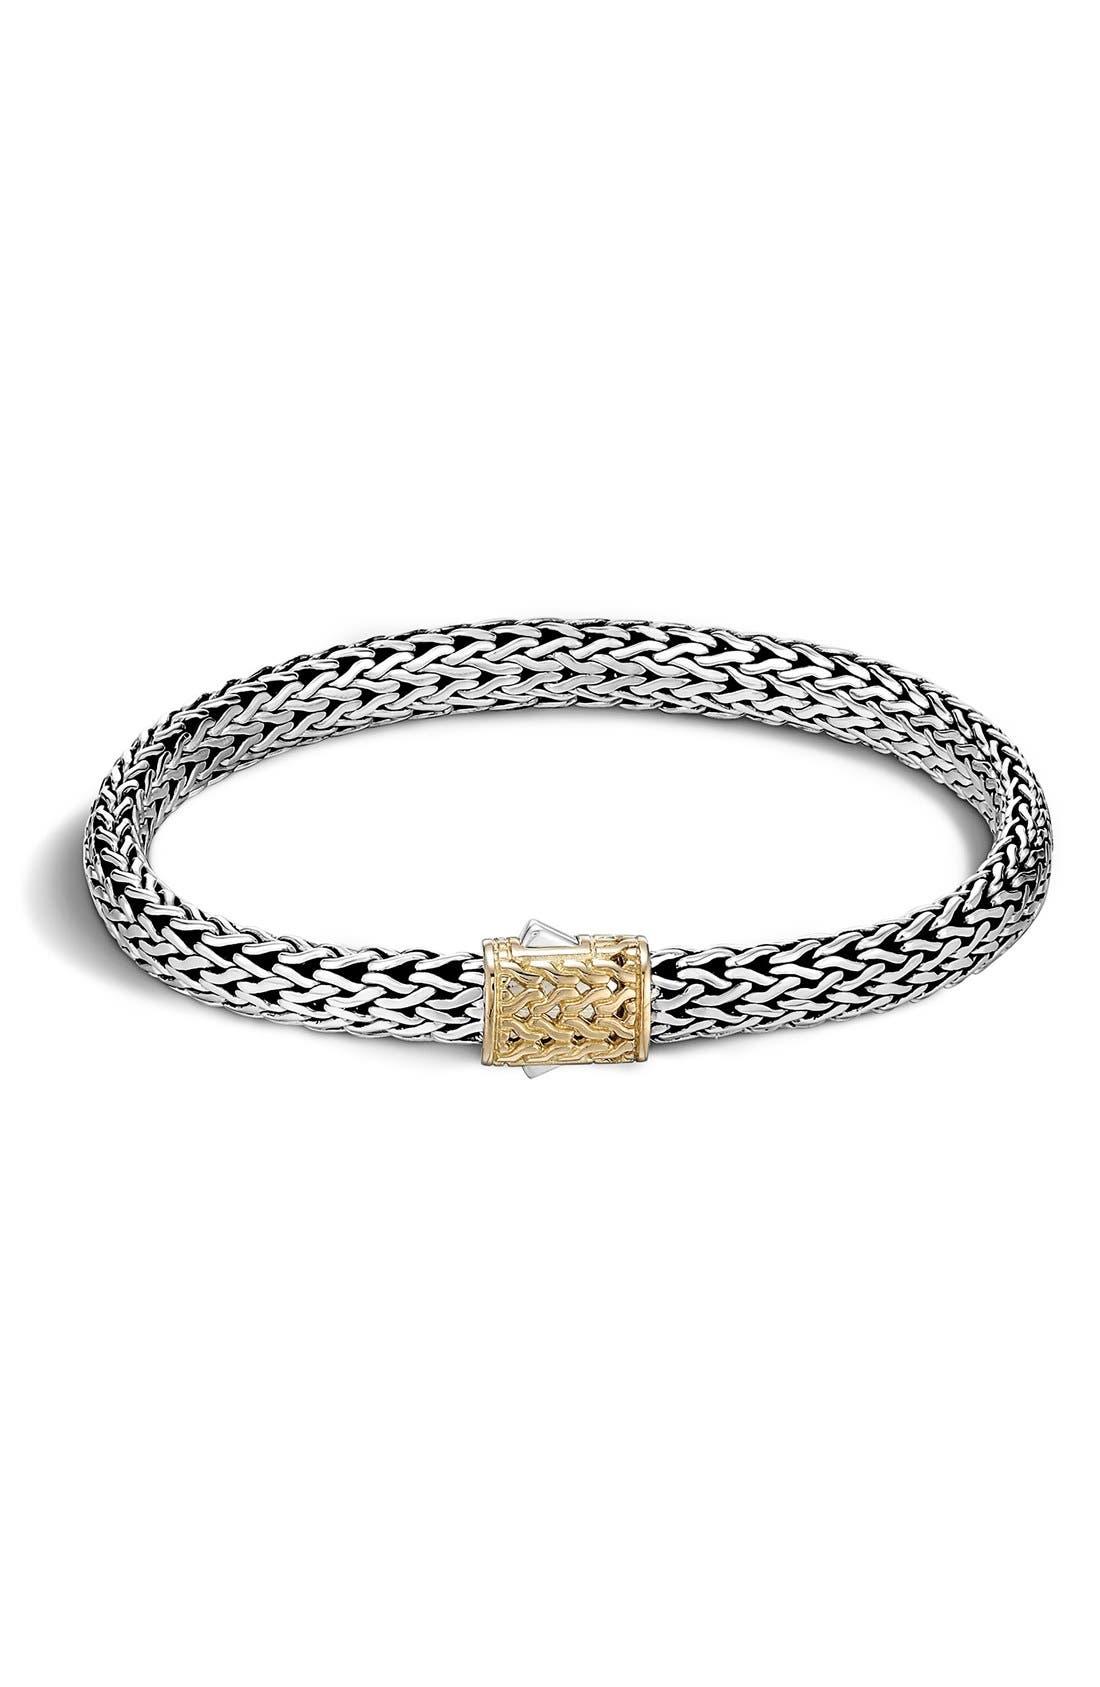 'Classic Chain' Bracelet,                         Main,                         color, 18KYSS